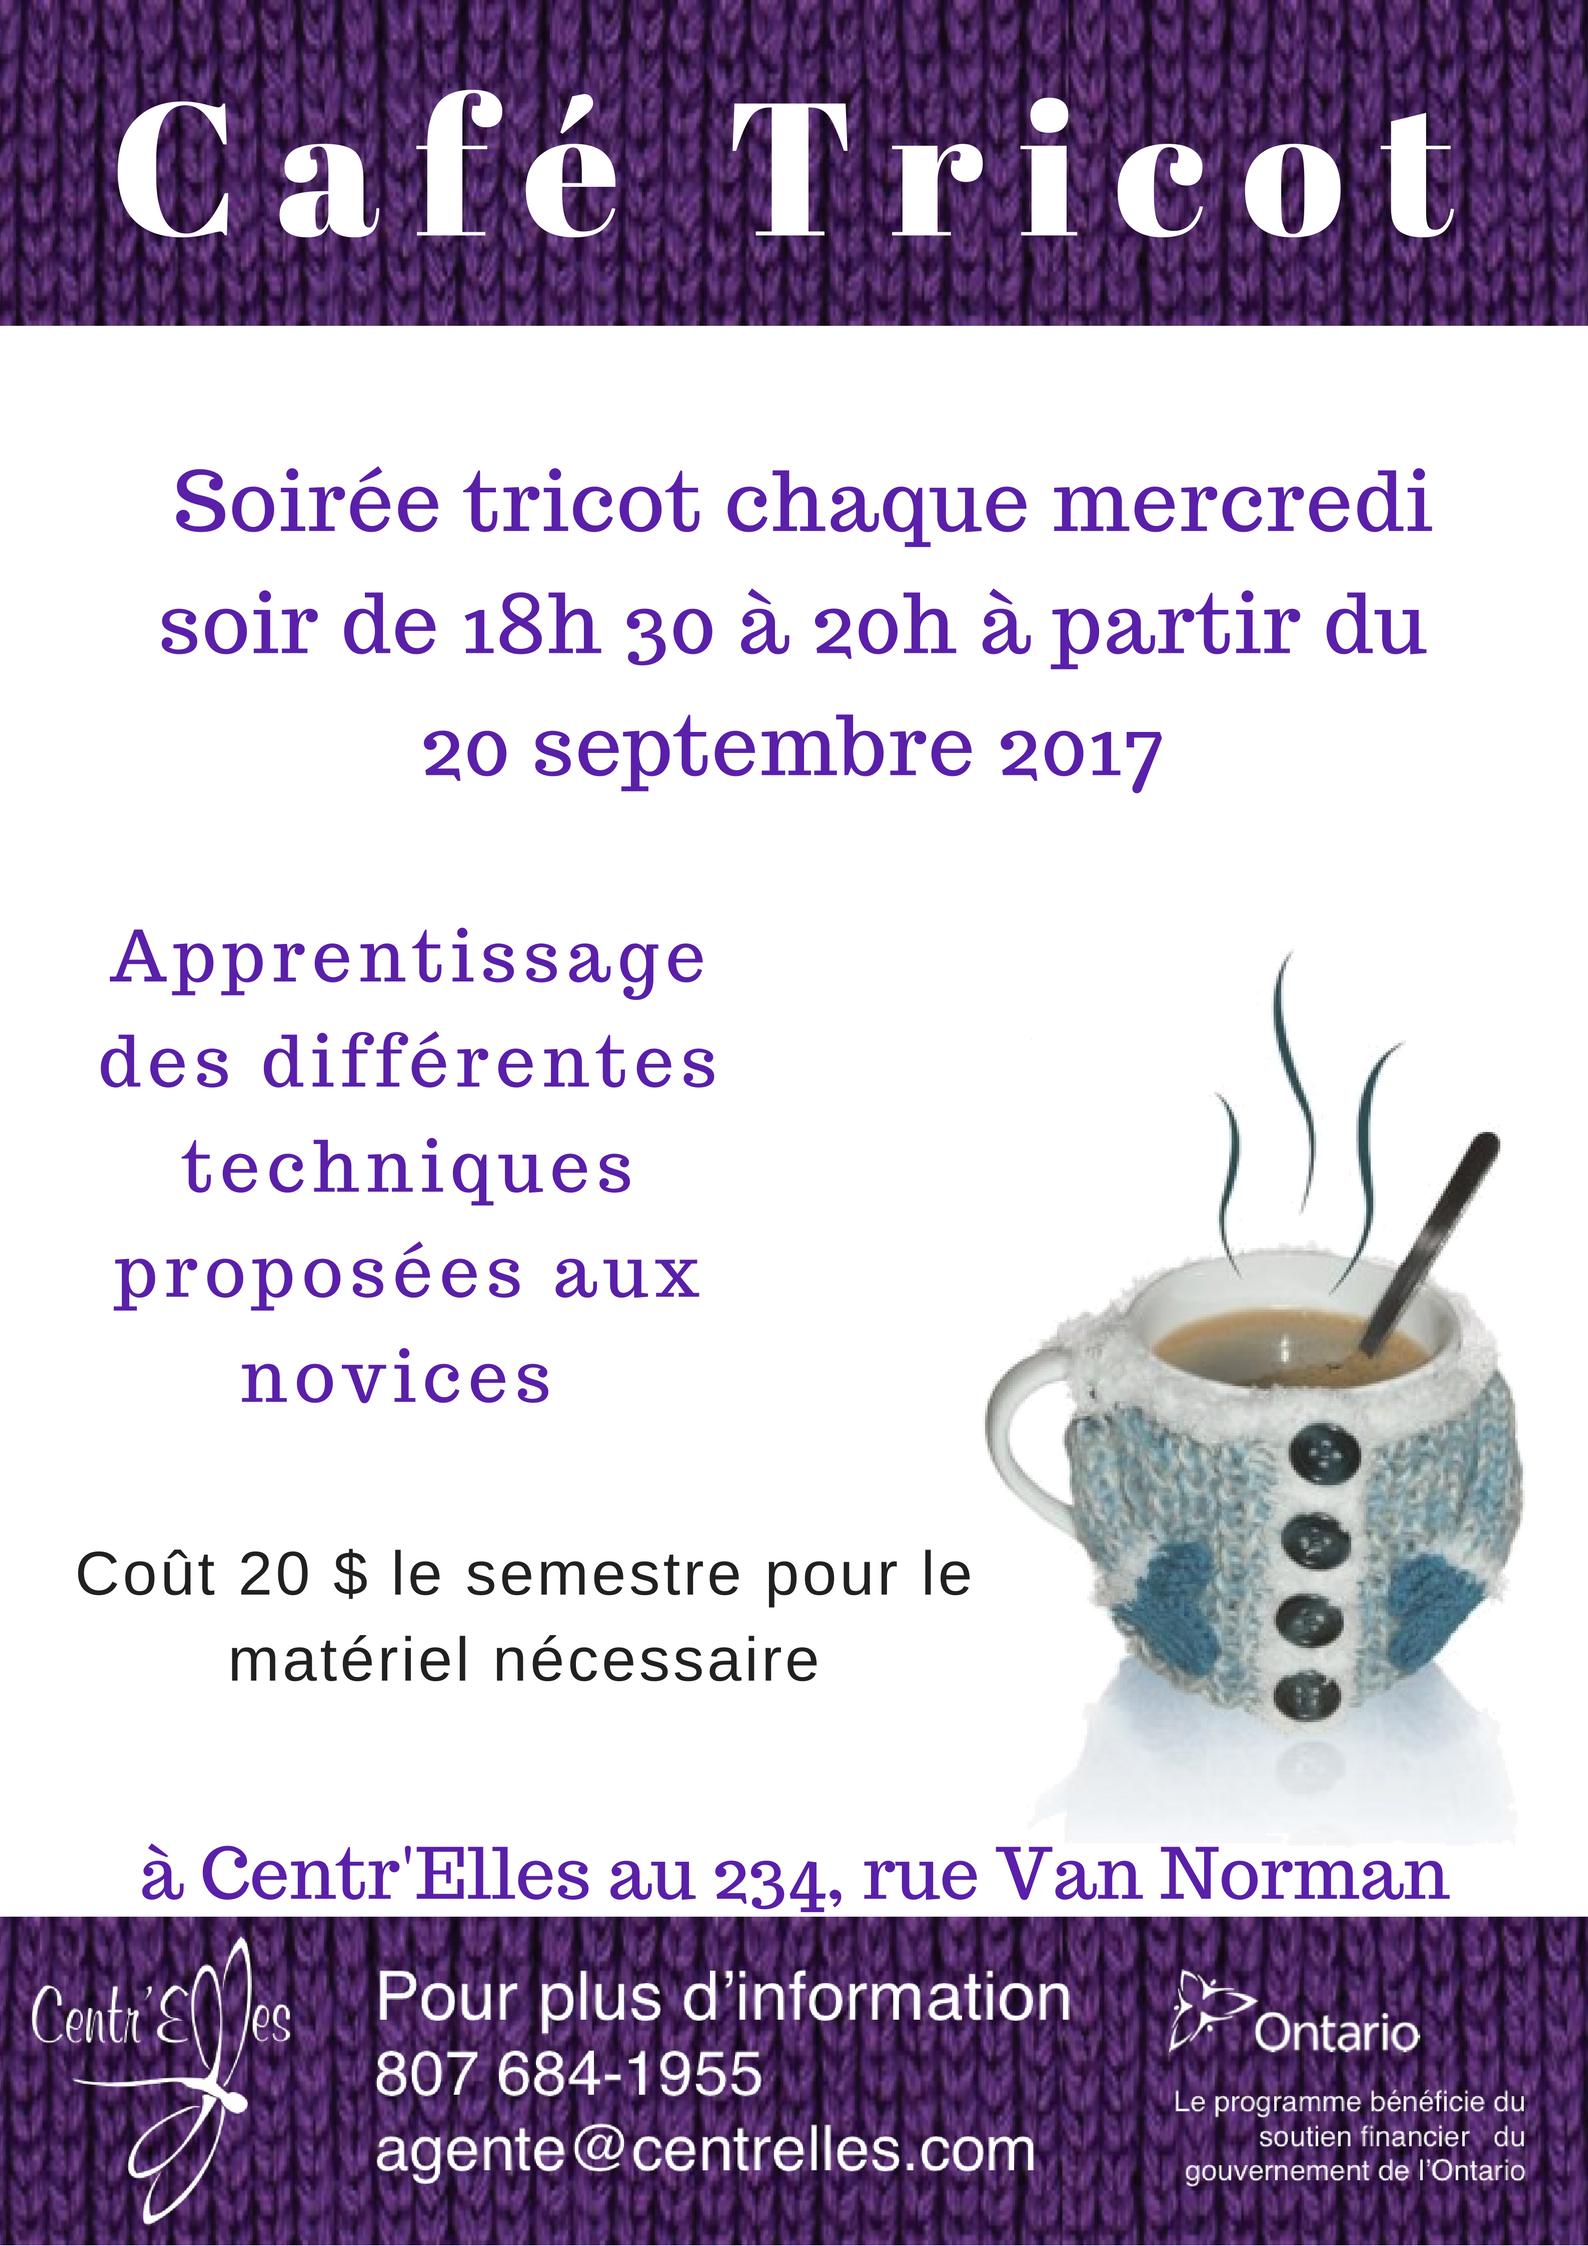 Café Tricot Mercredi soir final.png